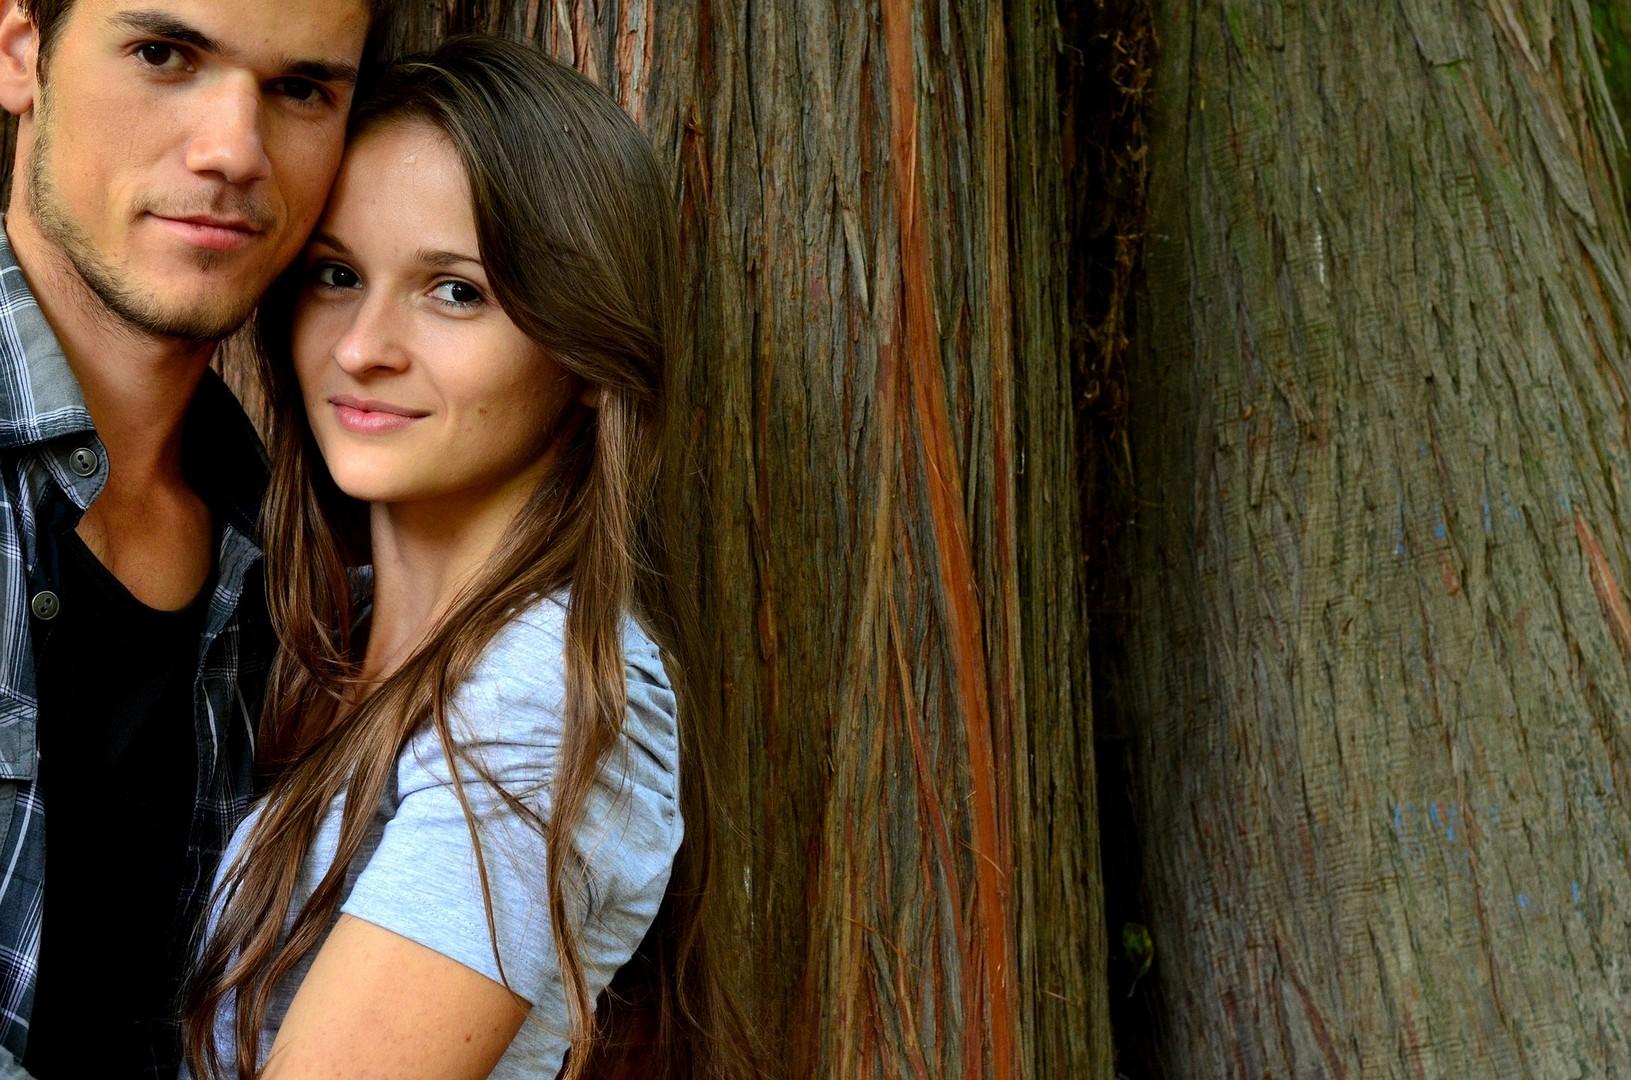 Как понять, что парень влюблен, но скрывает свои чувства?